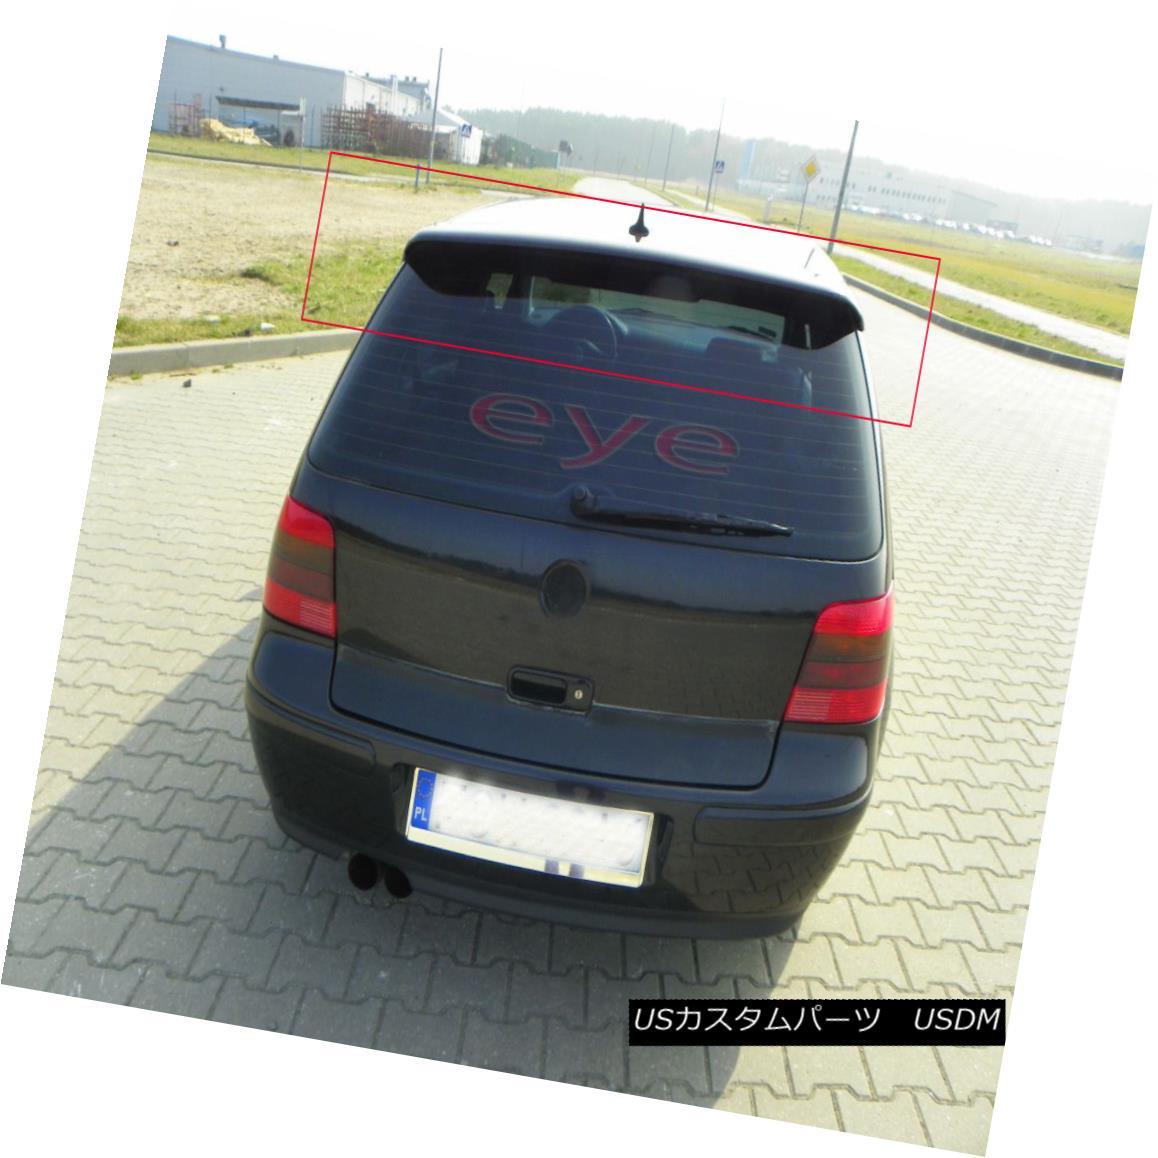 エアロパーツ VW VOLKSWAGEN GOLF 4 MK4 R32 LOOK REAR ROOF SPOILER BOOT / TRUNK / TAILGATE VWフォルクスワーゲンゴルフ4 MK4 R32ルアースポイラーブーツ/トランク/テールゲート